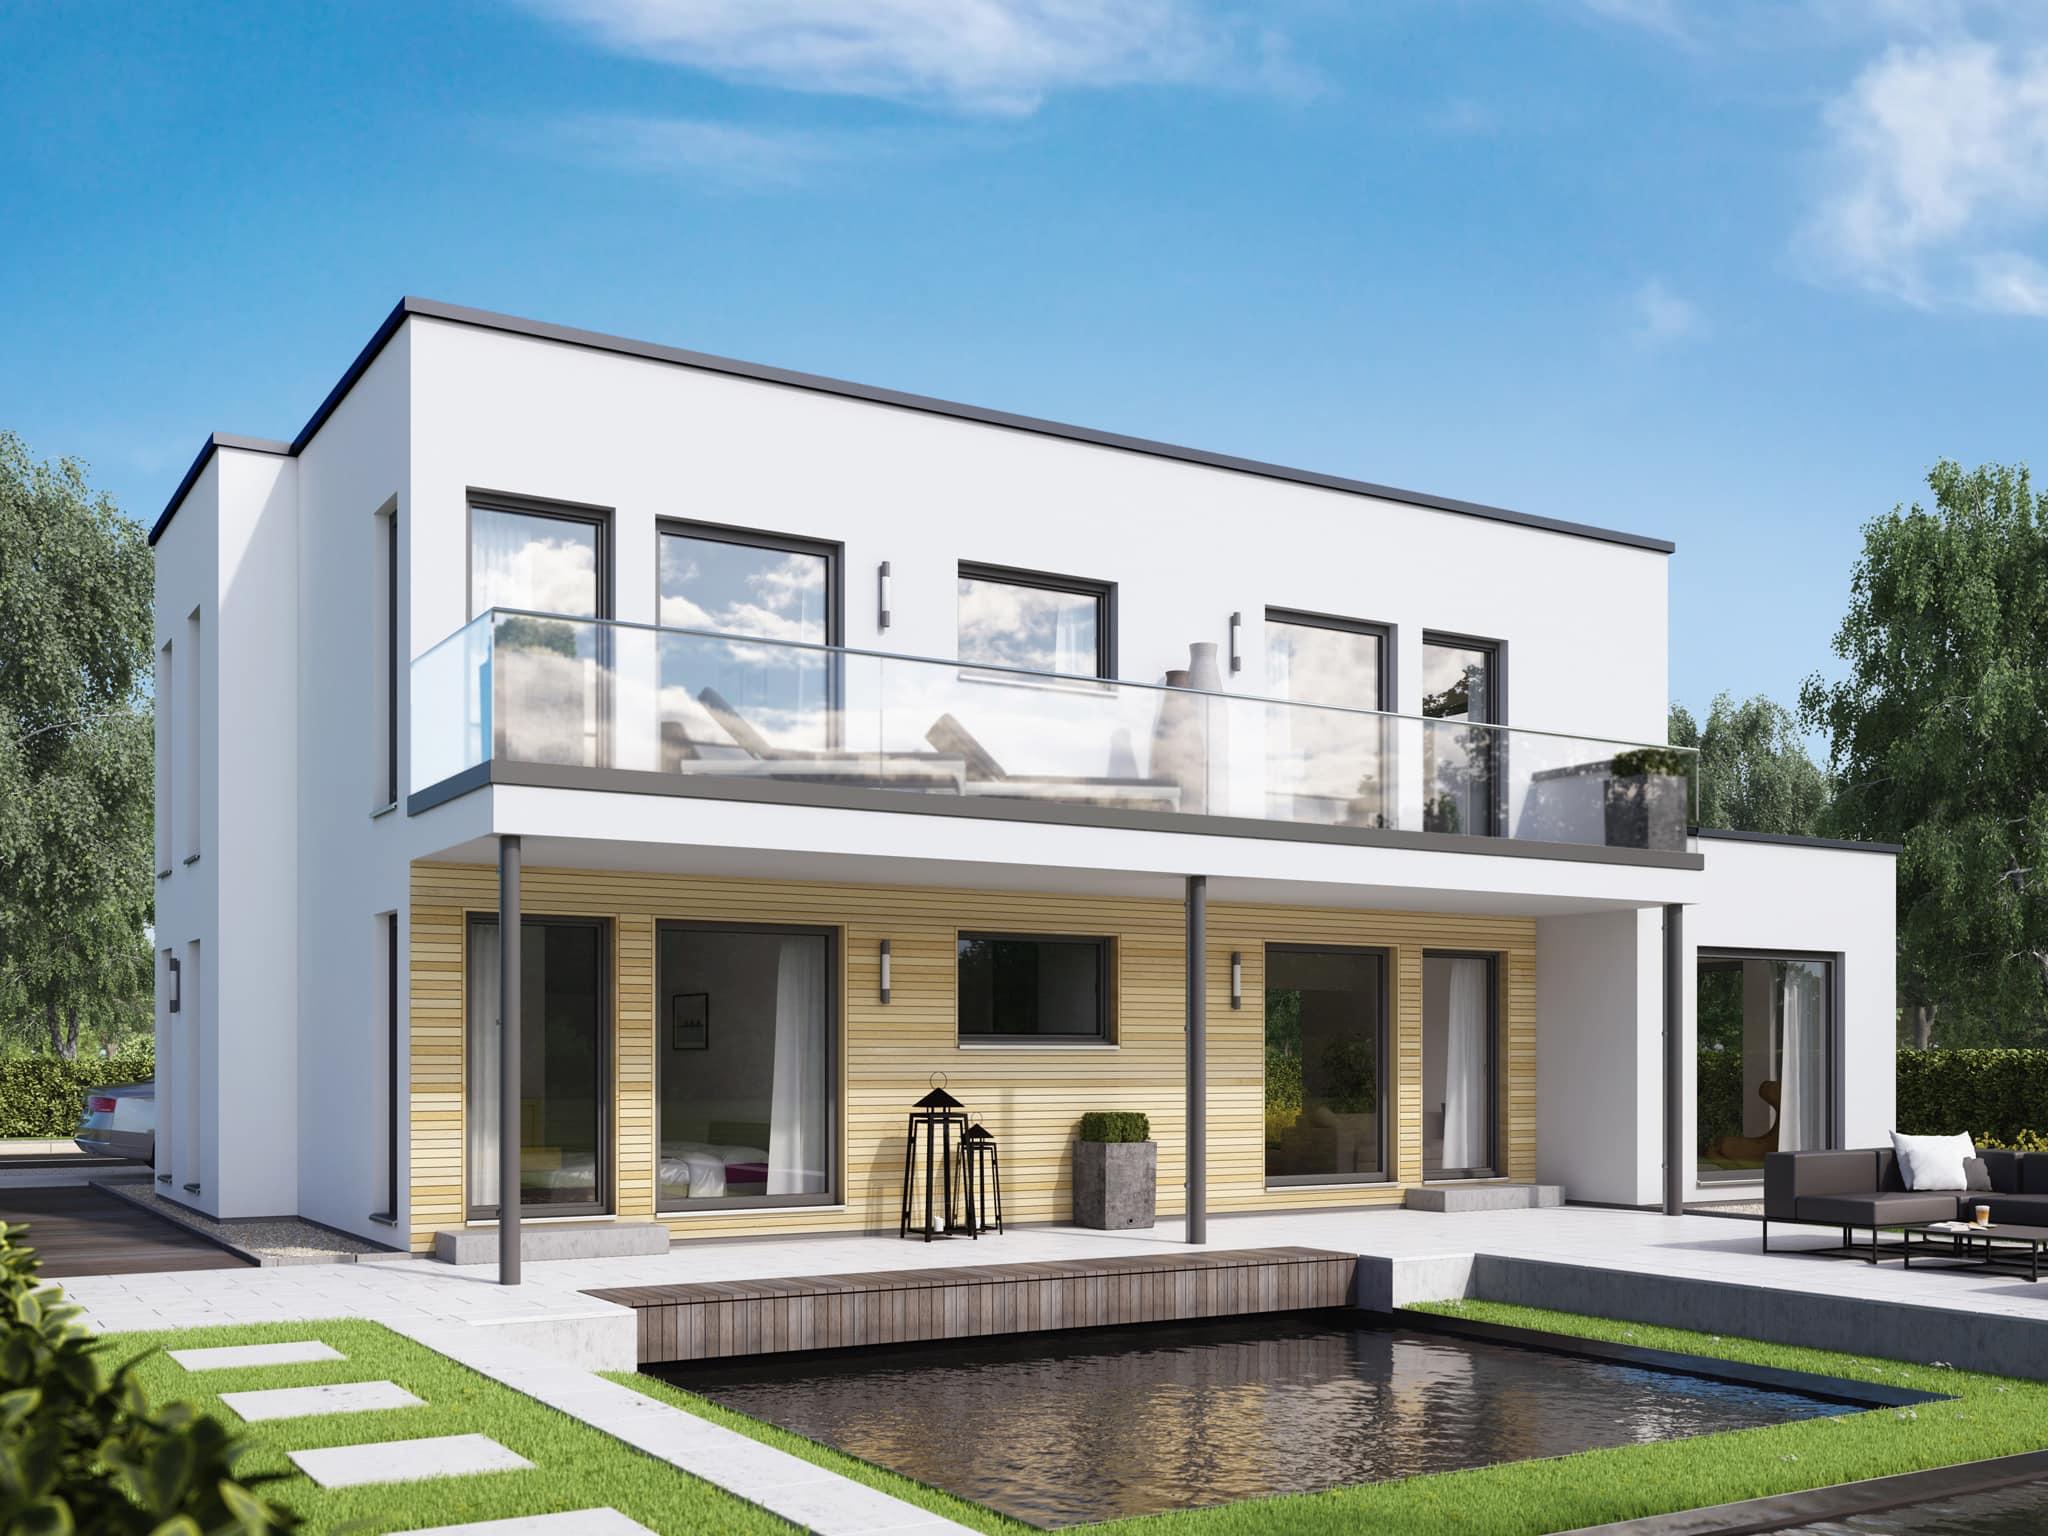 Zweifamilienhaus Stadtvilla modern mit Flachdach Architektur & Wohnungen übereinander - Mehrgenerationenhaus bauen Ideen Fertighaus SOLUTION 204 V8 von Living Haus - HausbauDirekt.de